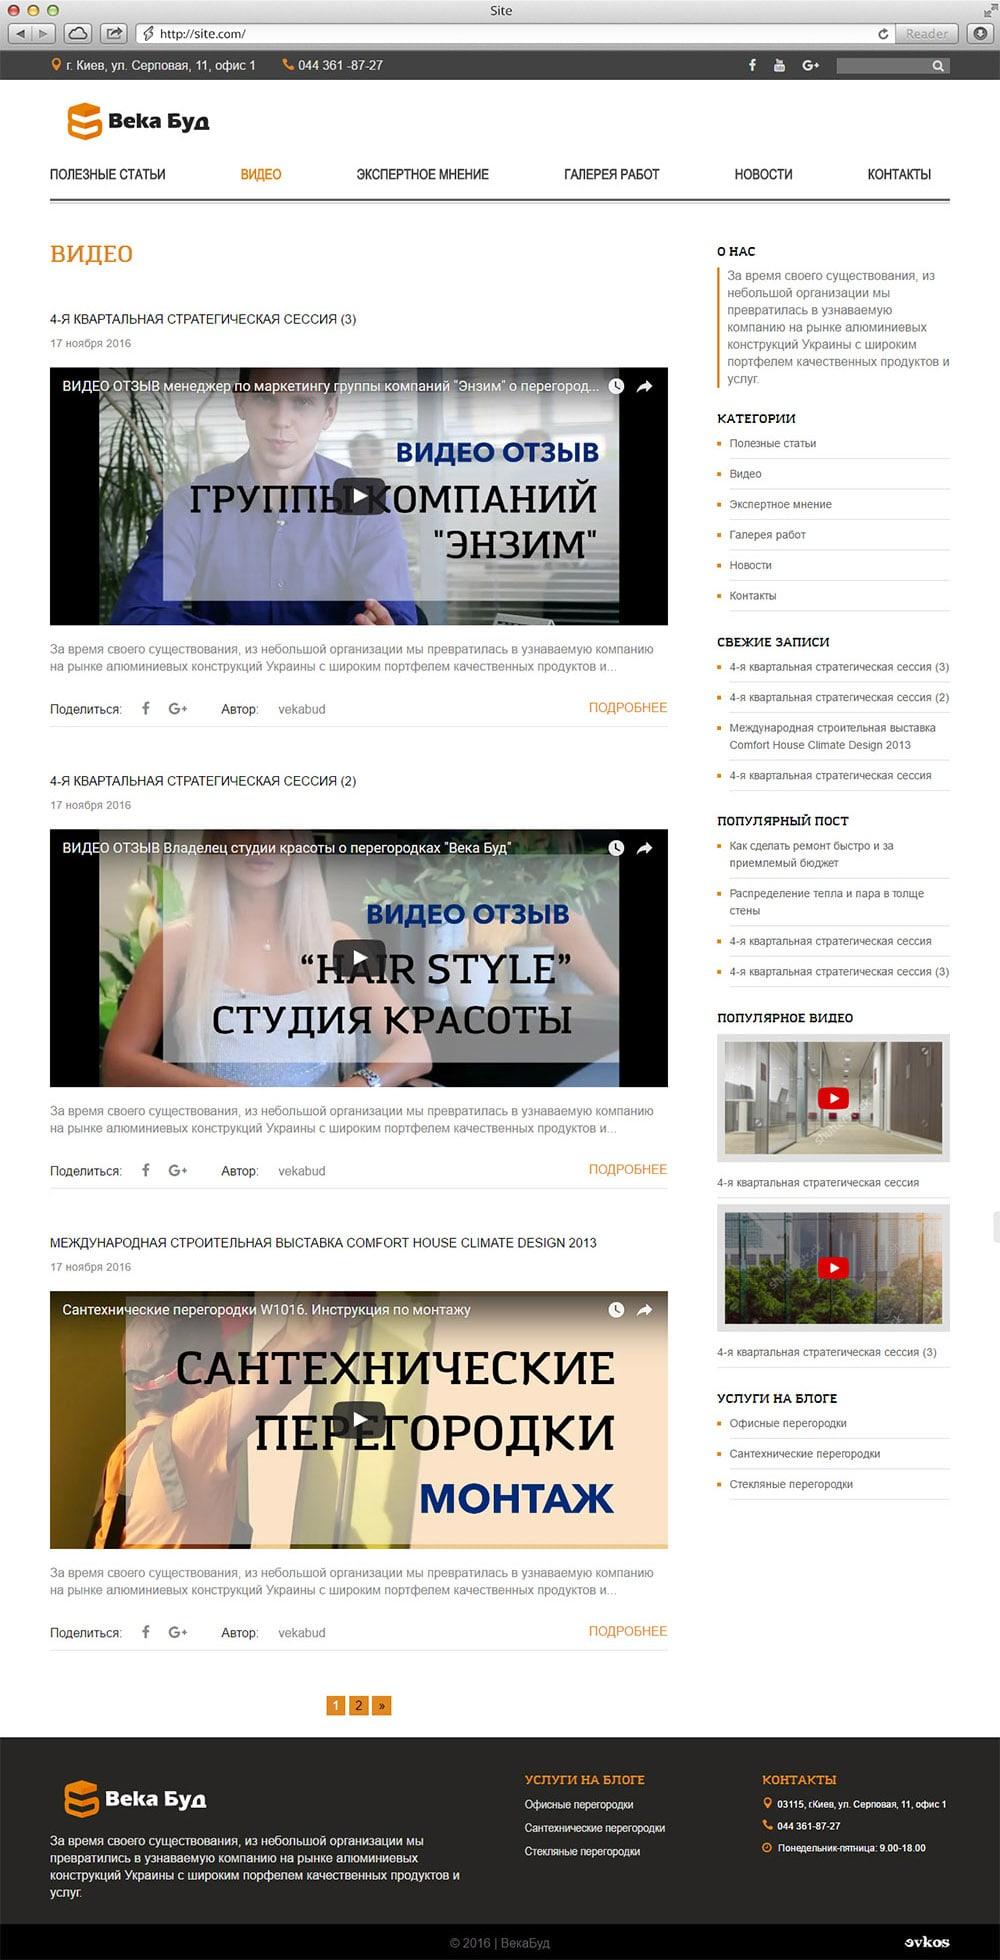 Страница видео